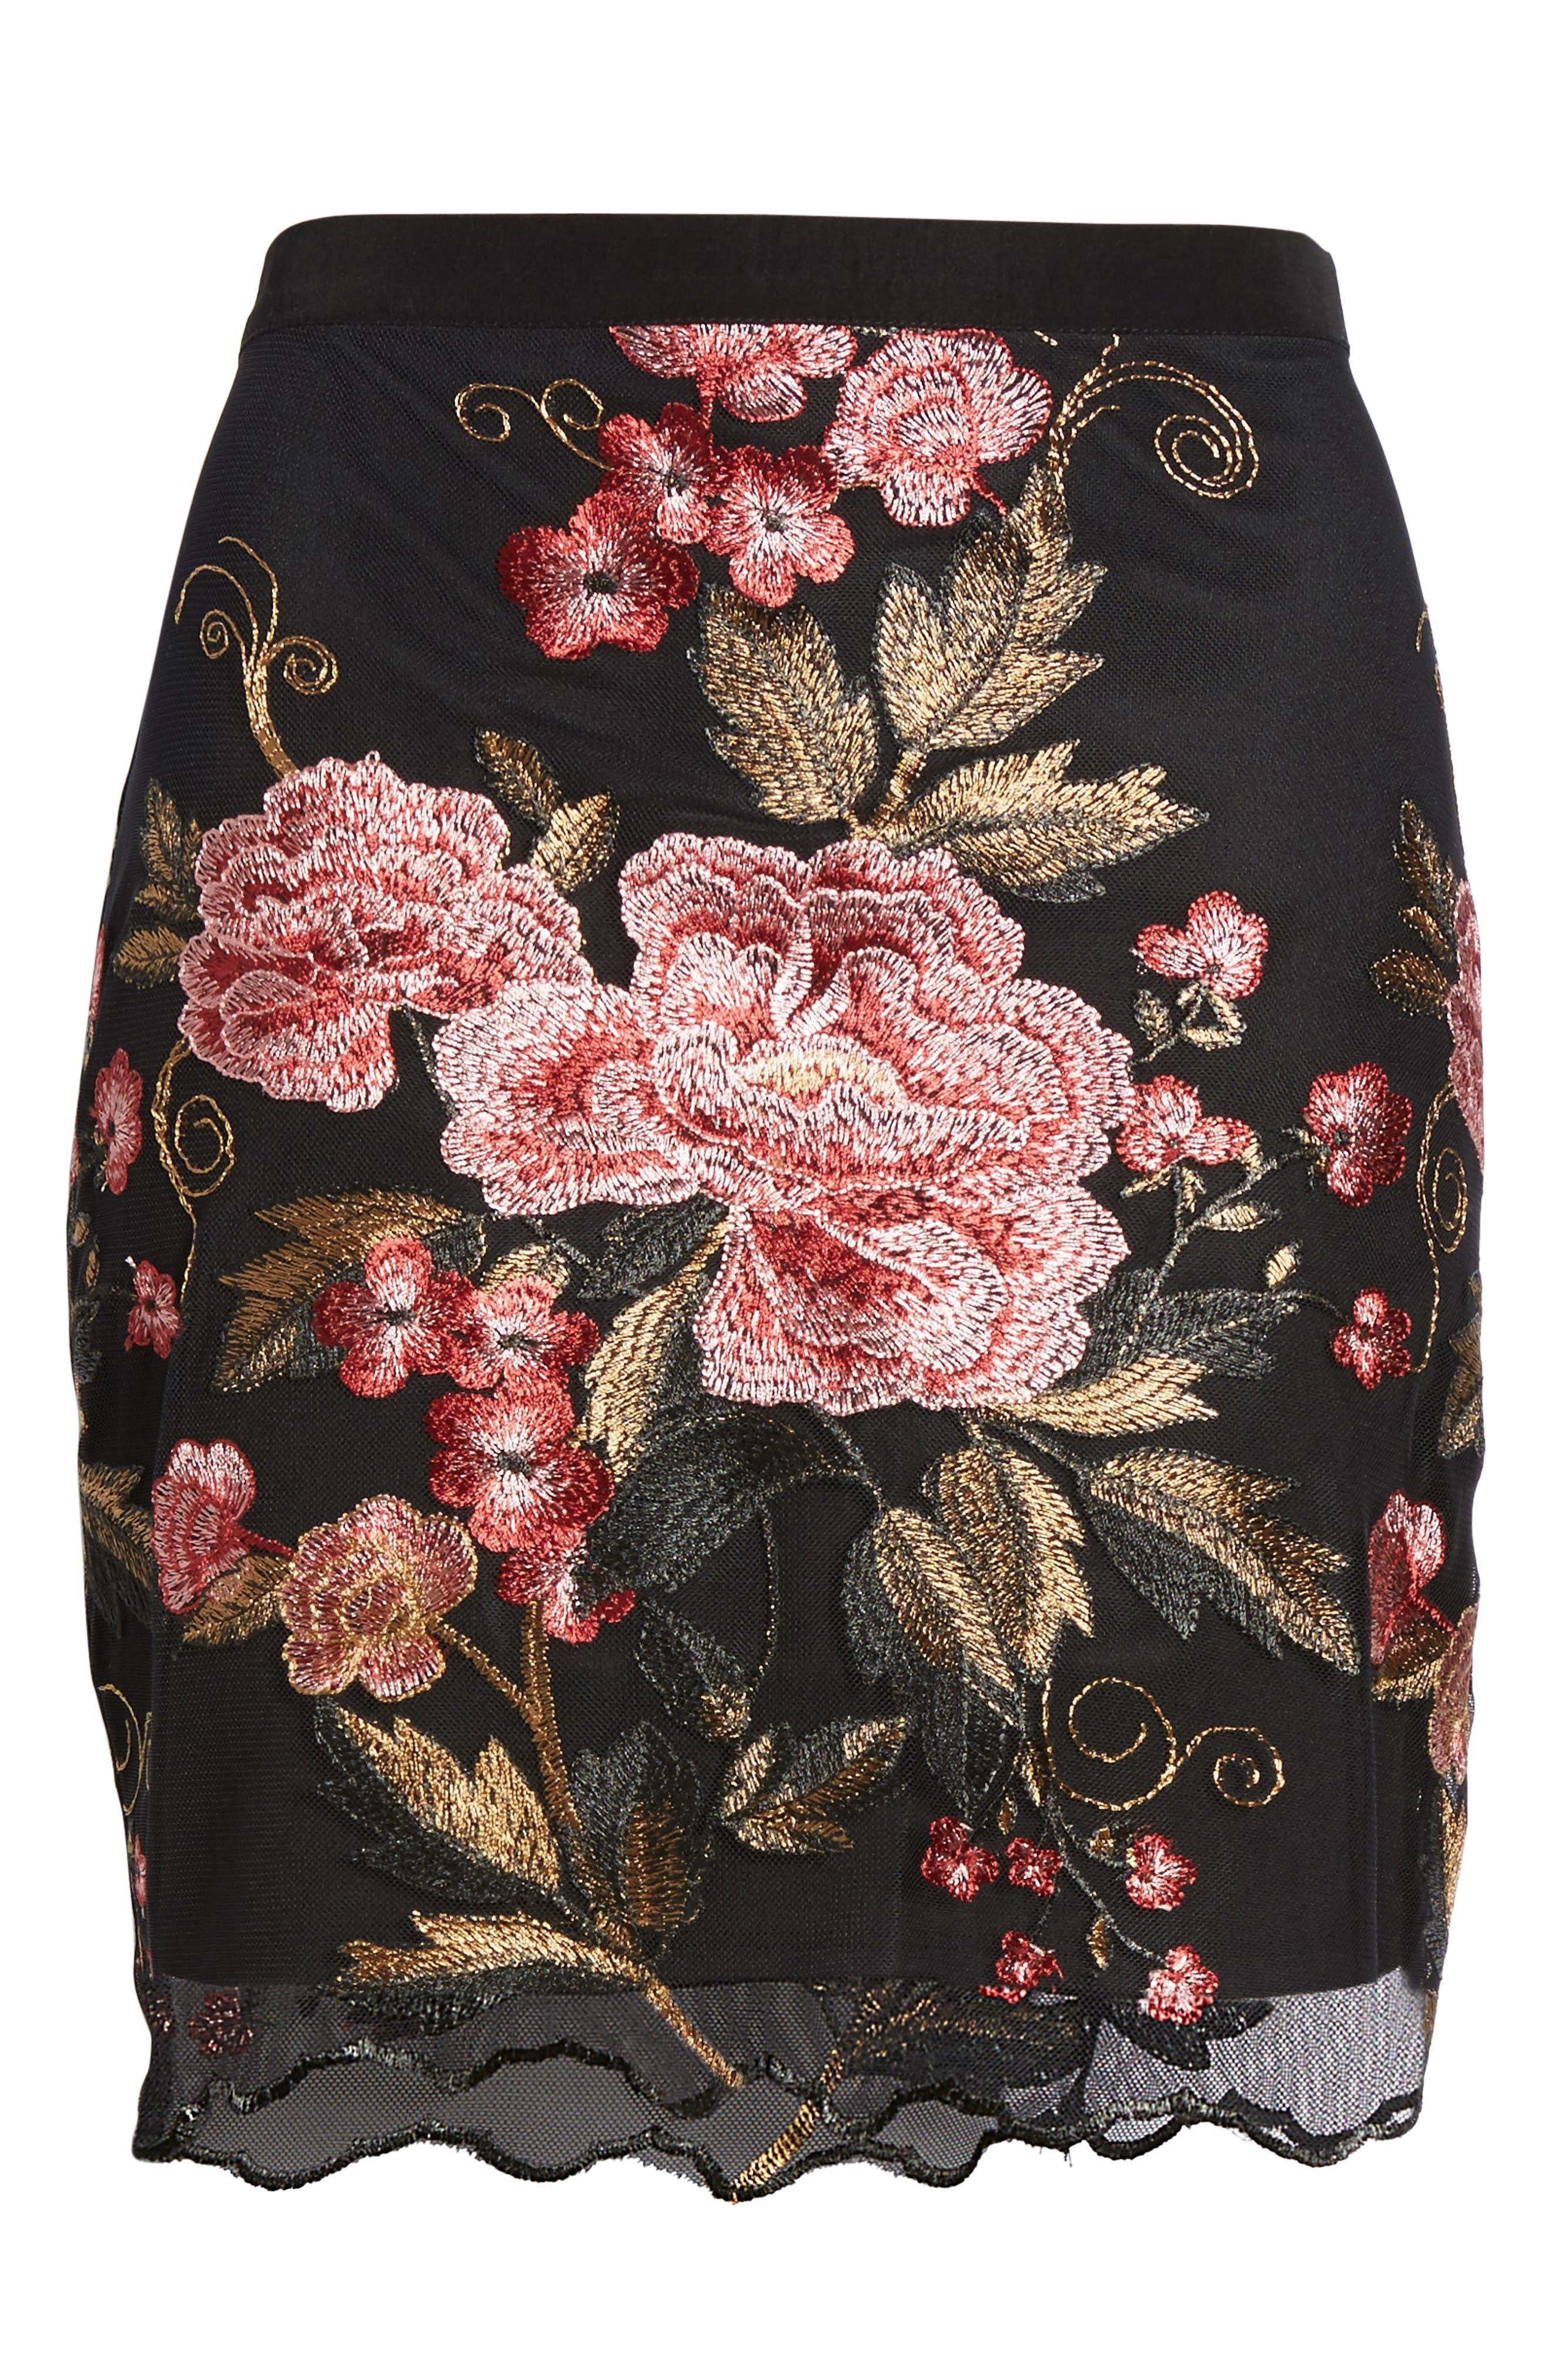 Sunset Embroidered Skirt,                             Alternate thumbnail 7, color,                             Black/ Rose